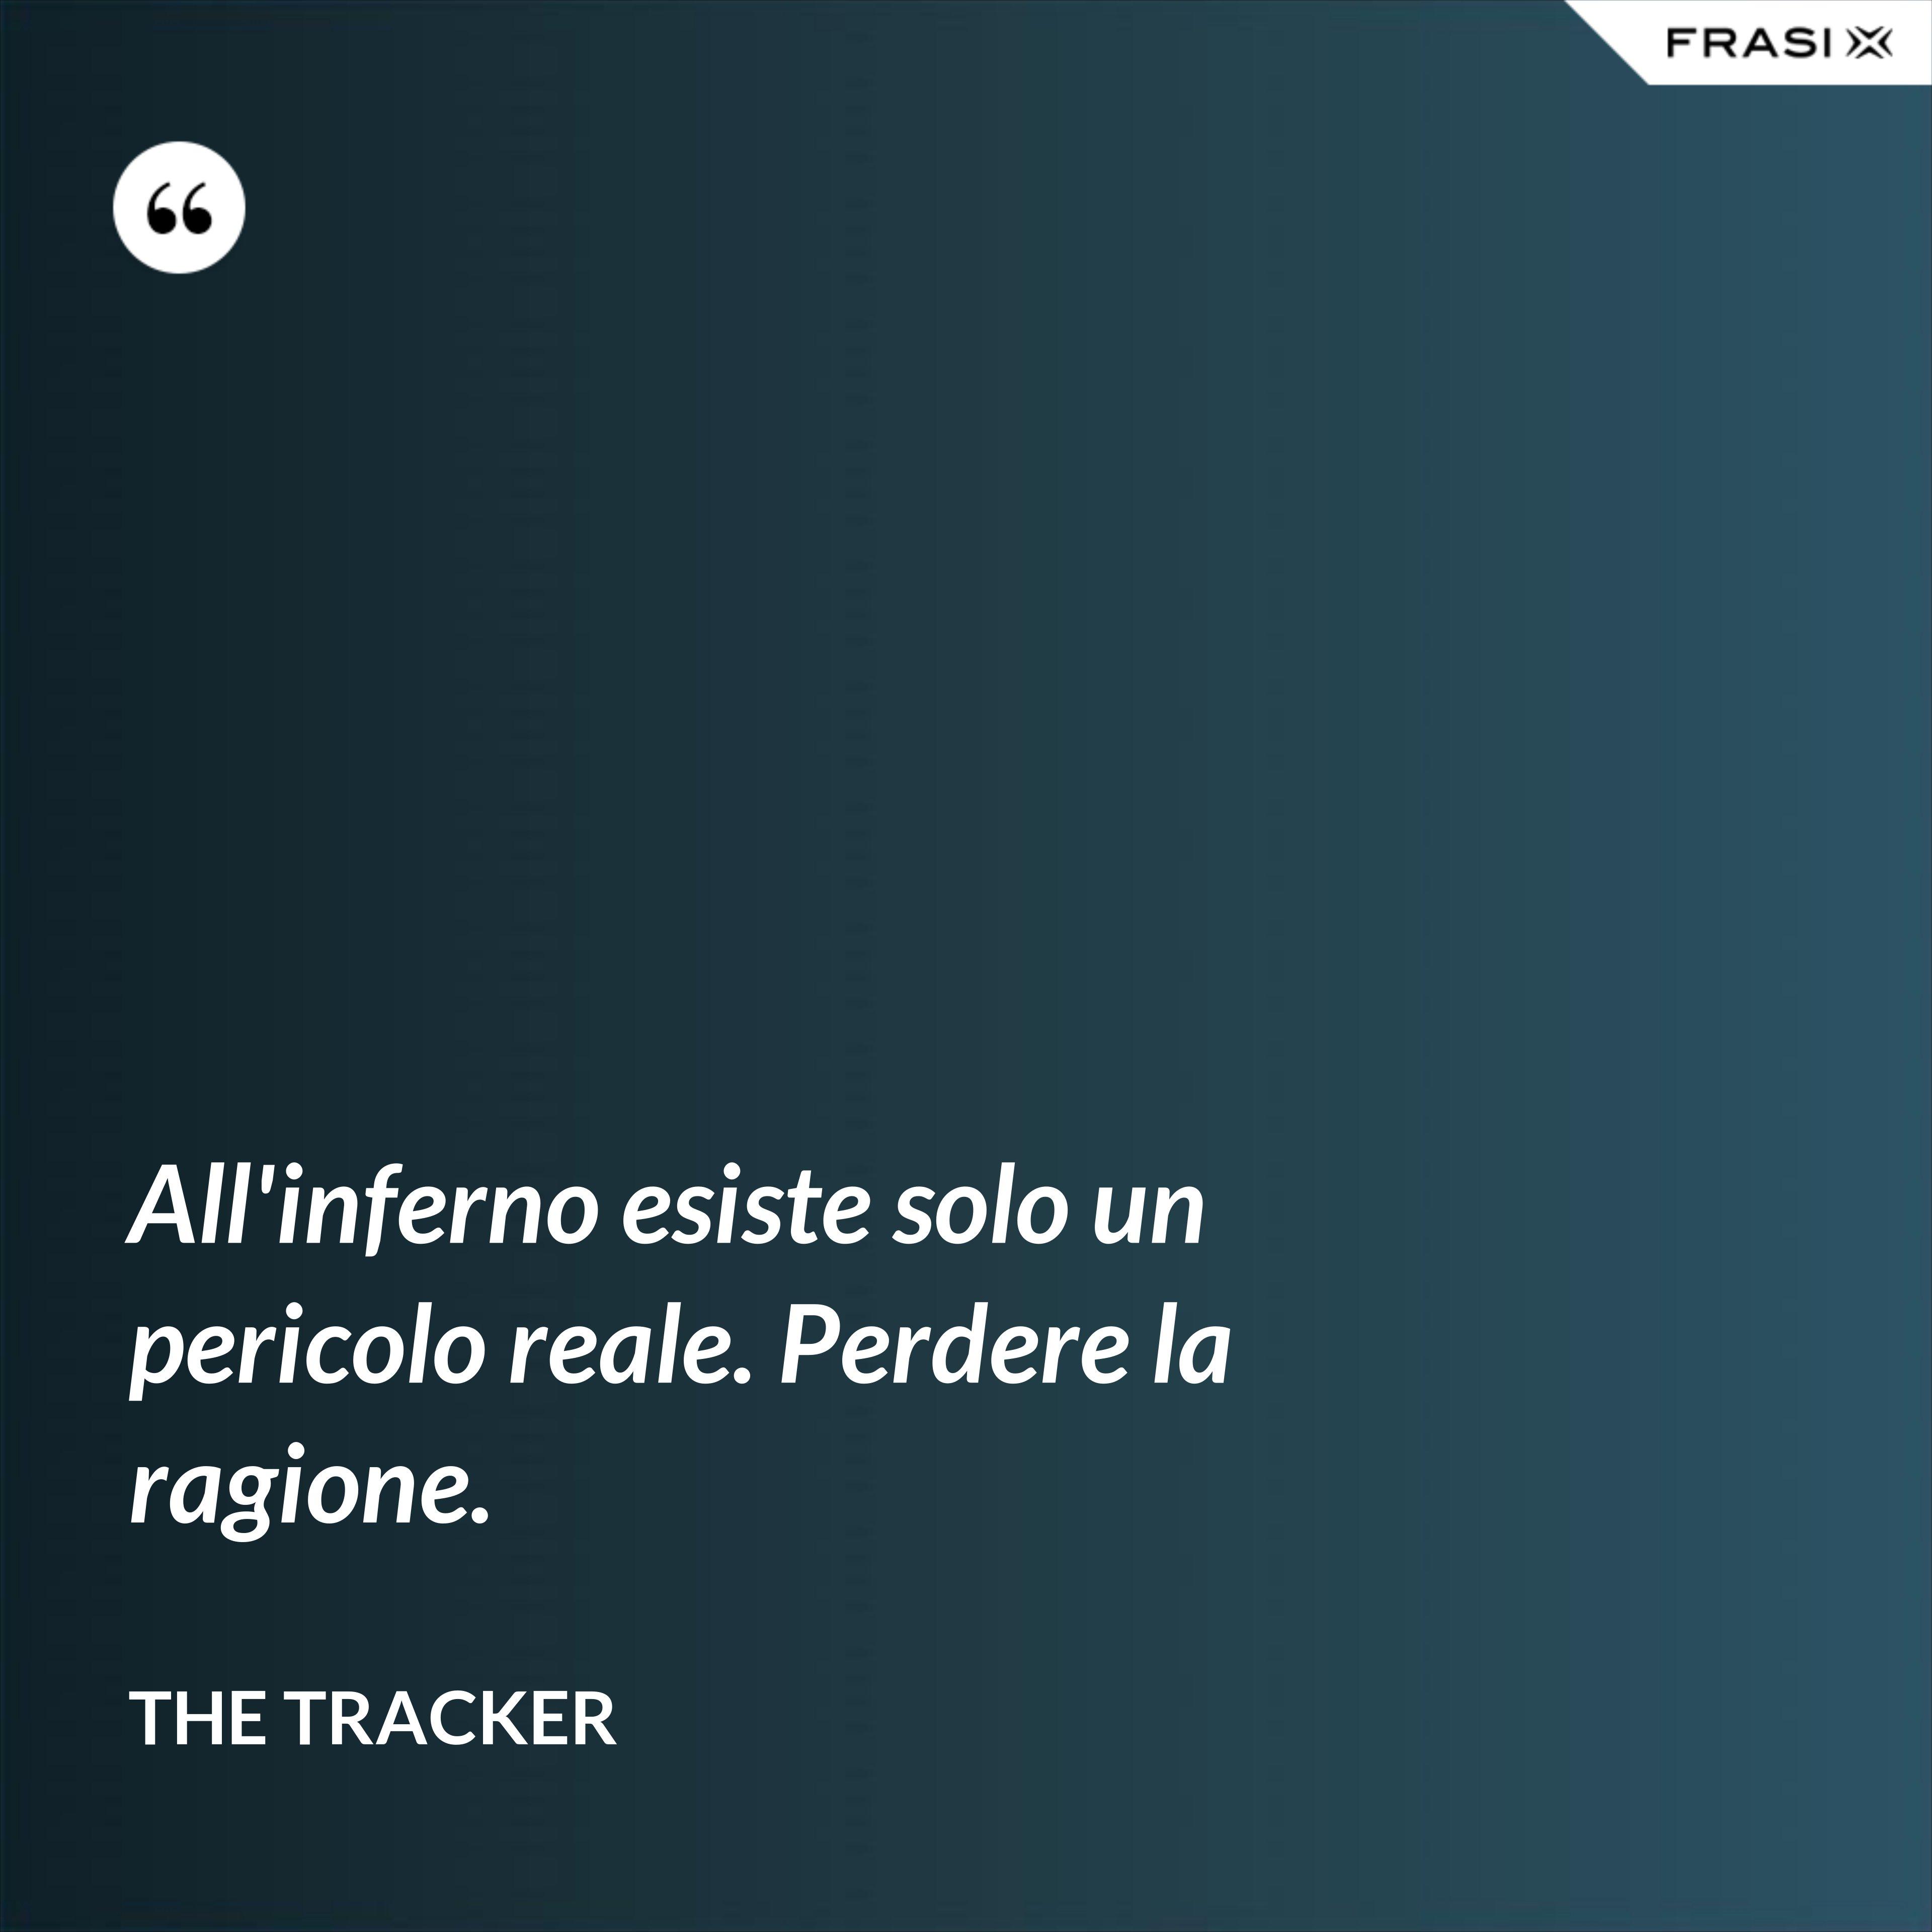 All'inferno esiste solo un pericolo reale. Perdere la ragione. - The Tracker